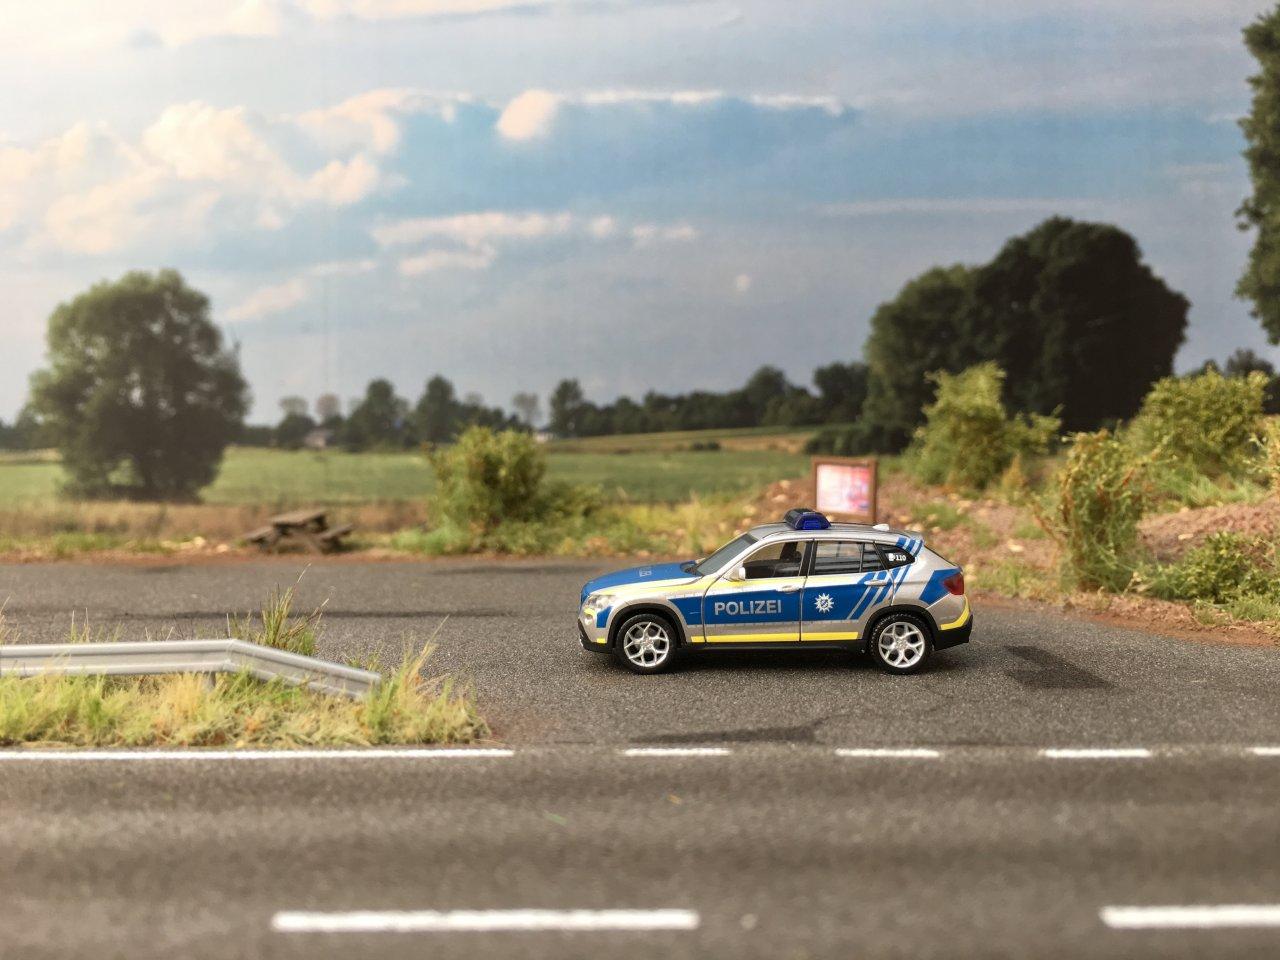 BMW X1 Polizei Bayern  01.JPG